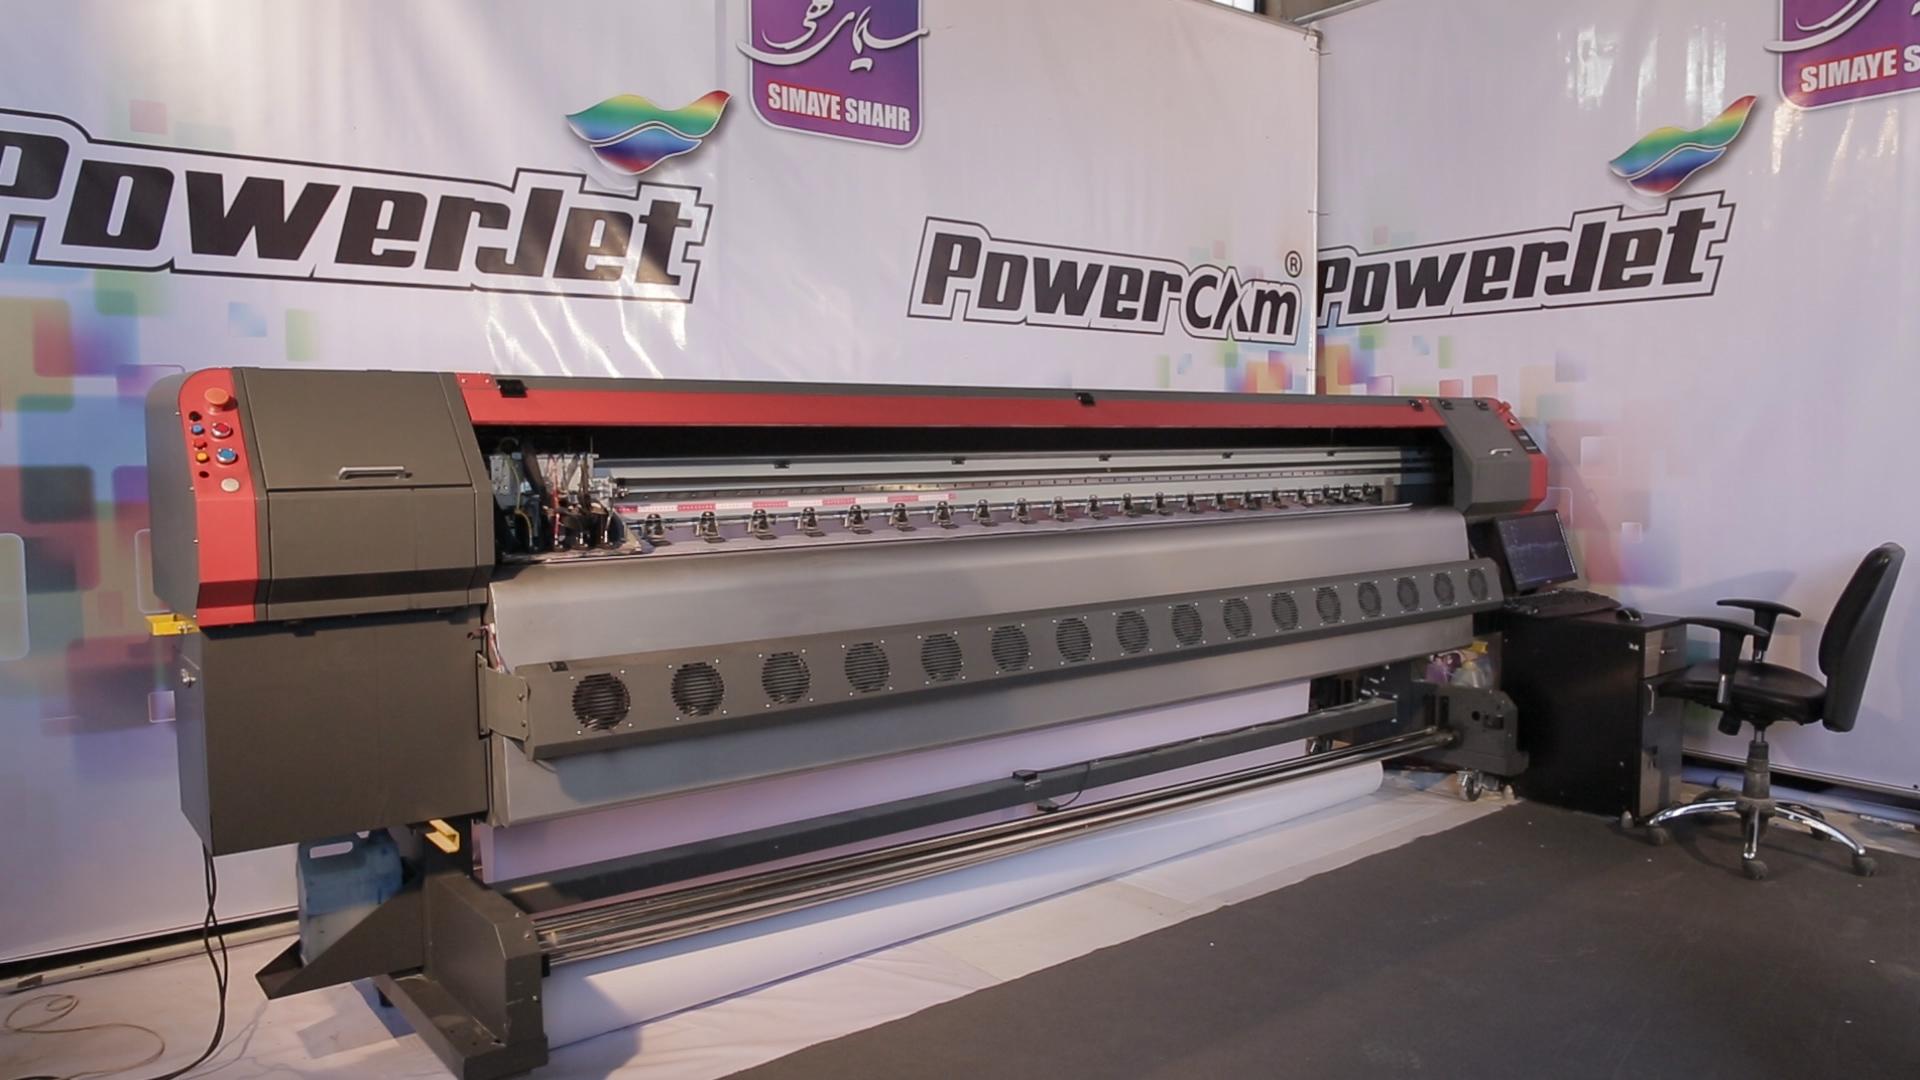 تفاوت خرید دستگاه چاپ بنر با دیگر دستگاه های صنعتی